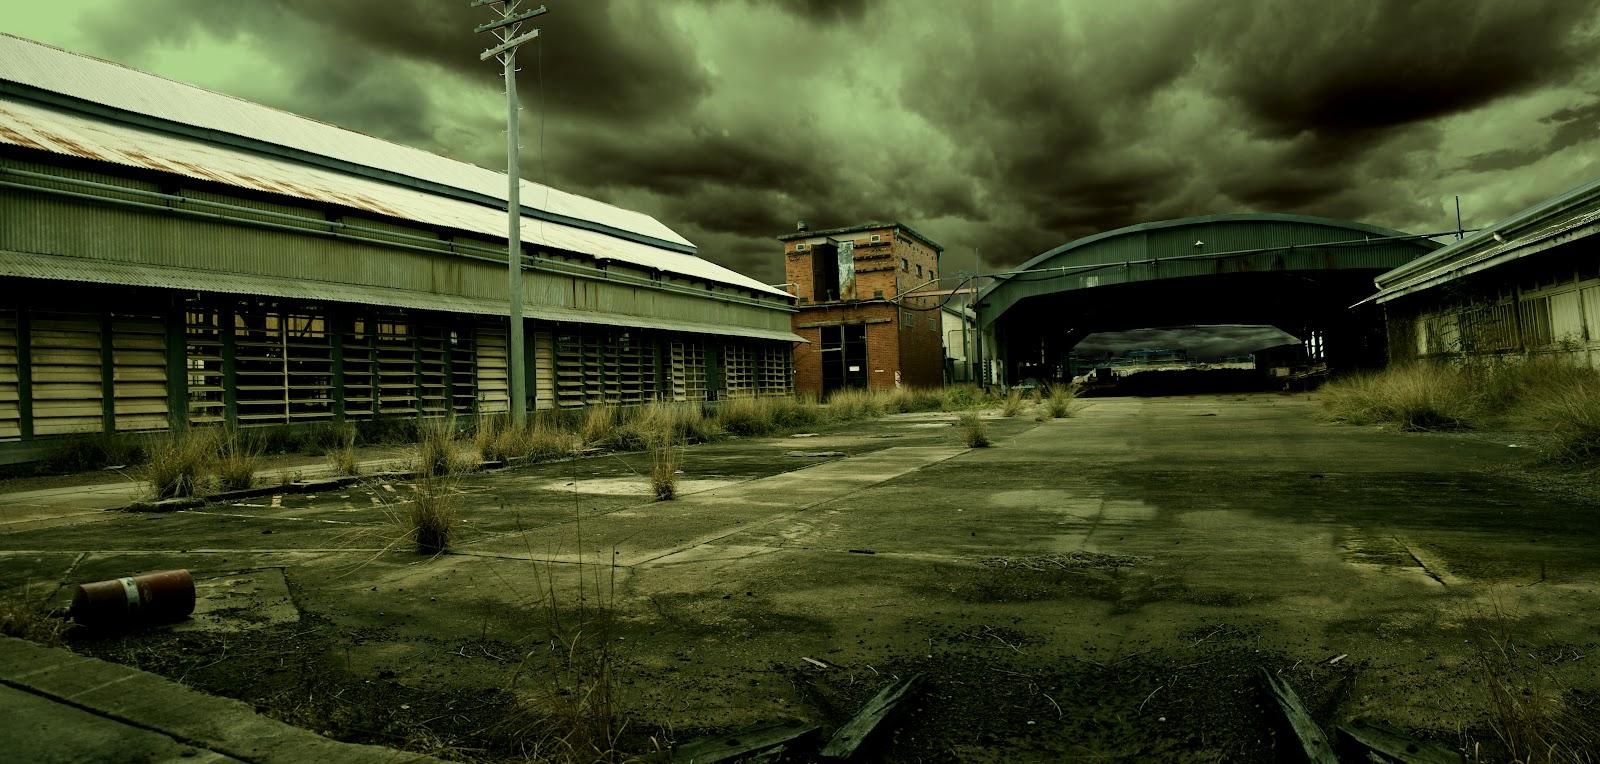 plain car garage ideas - Abandoned train yard